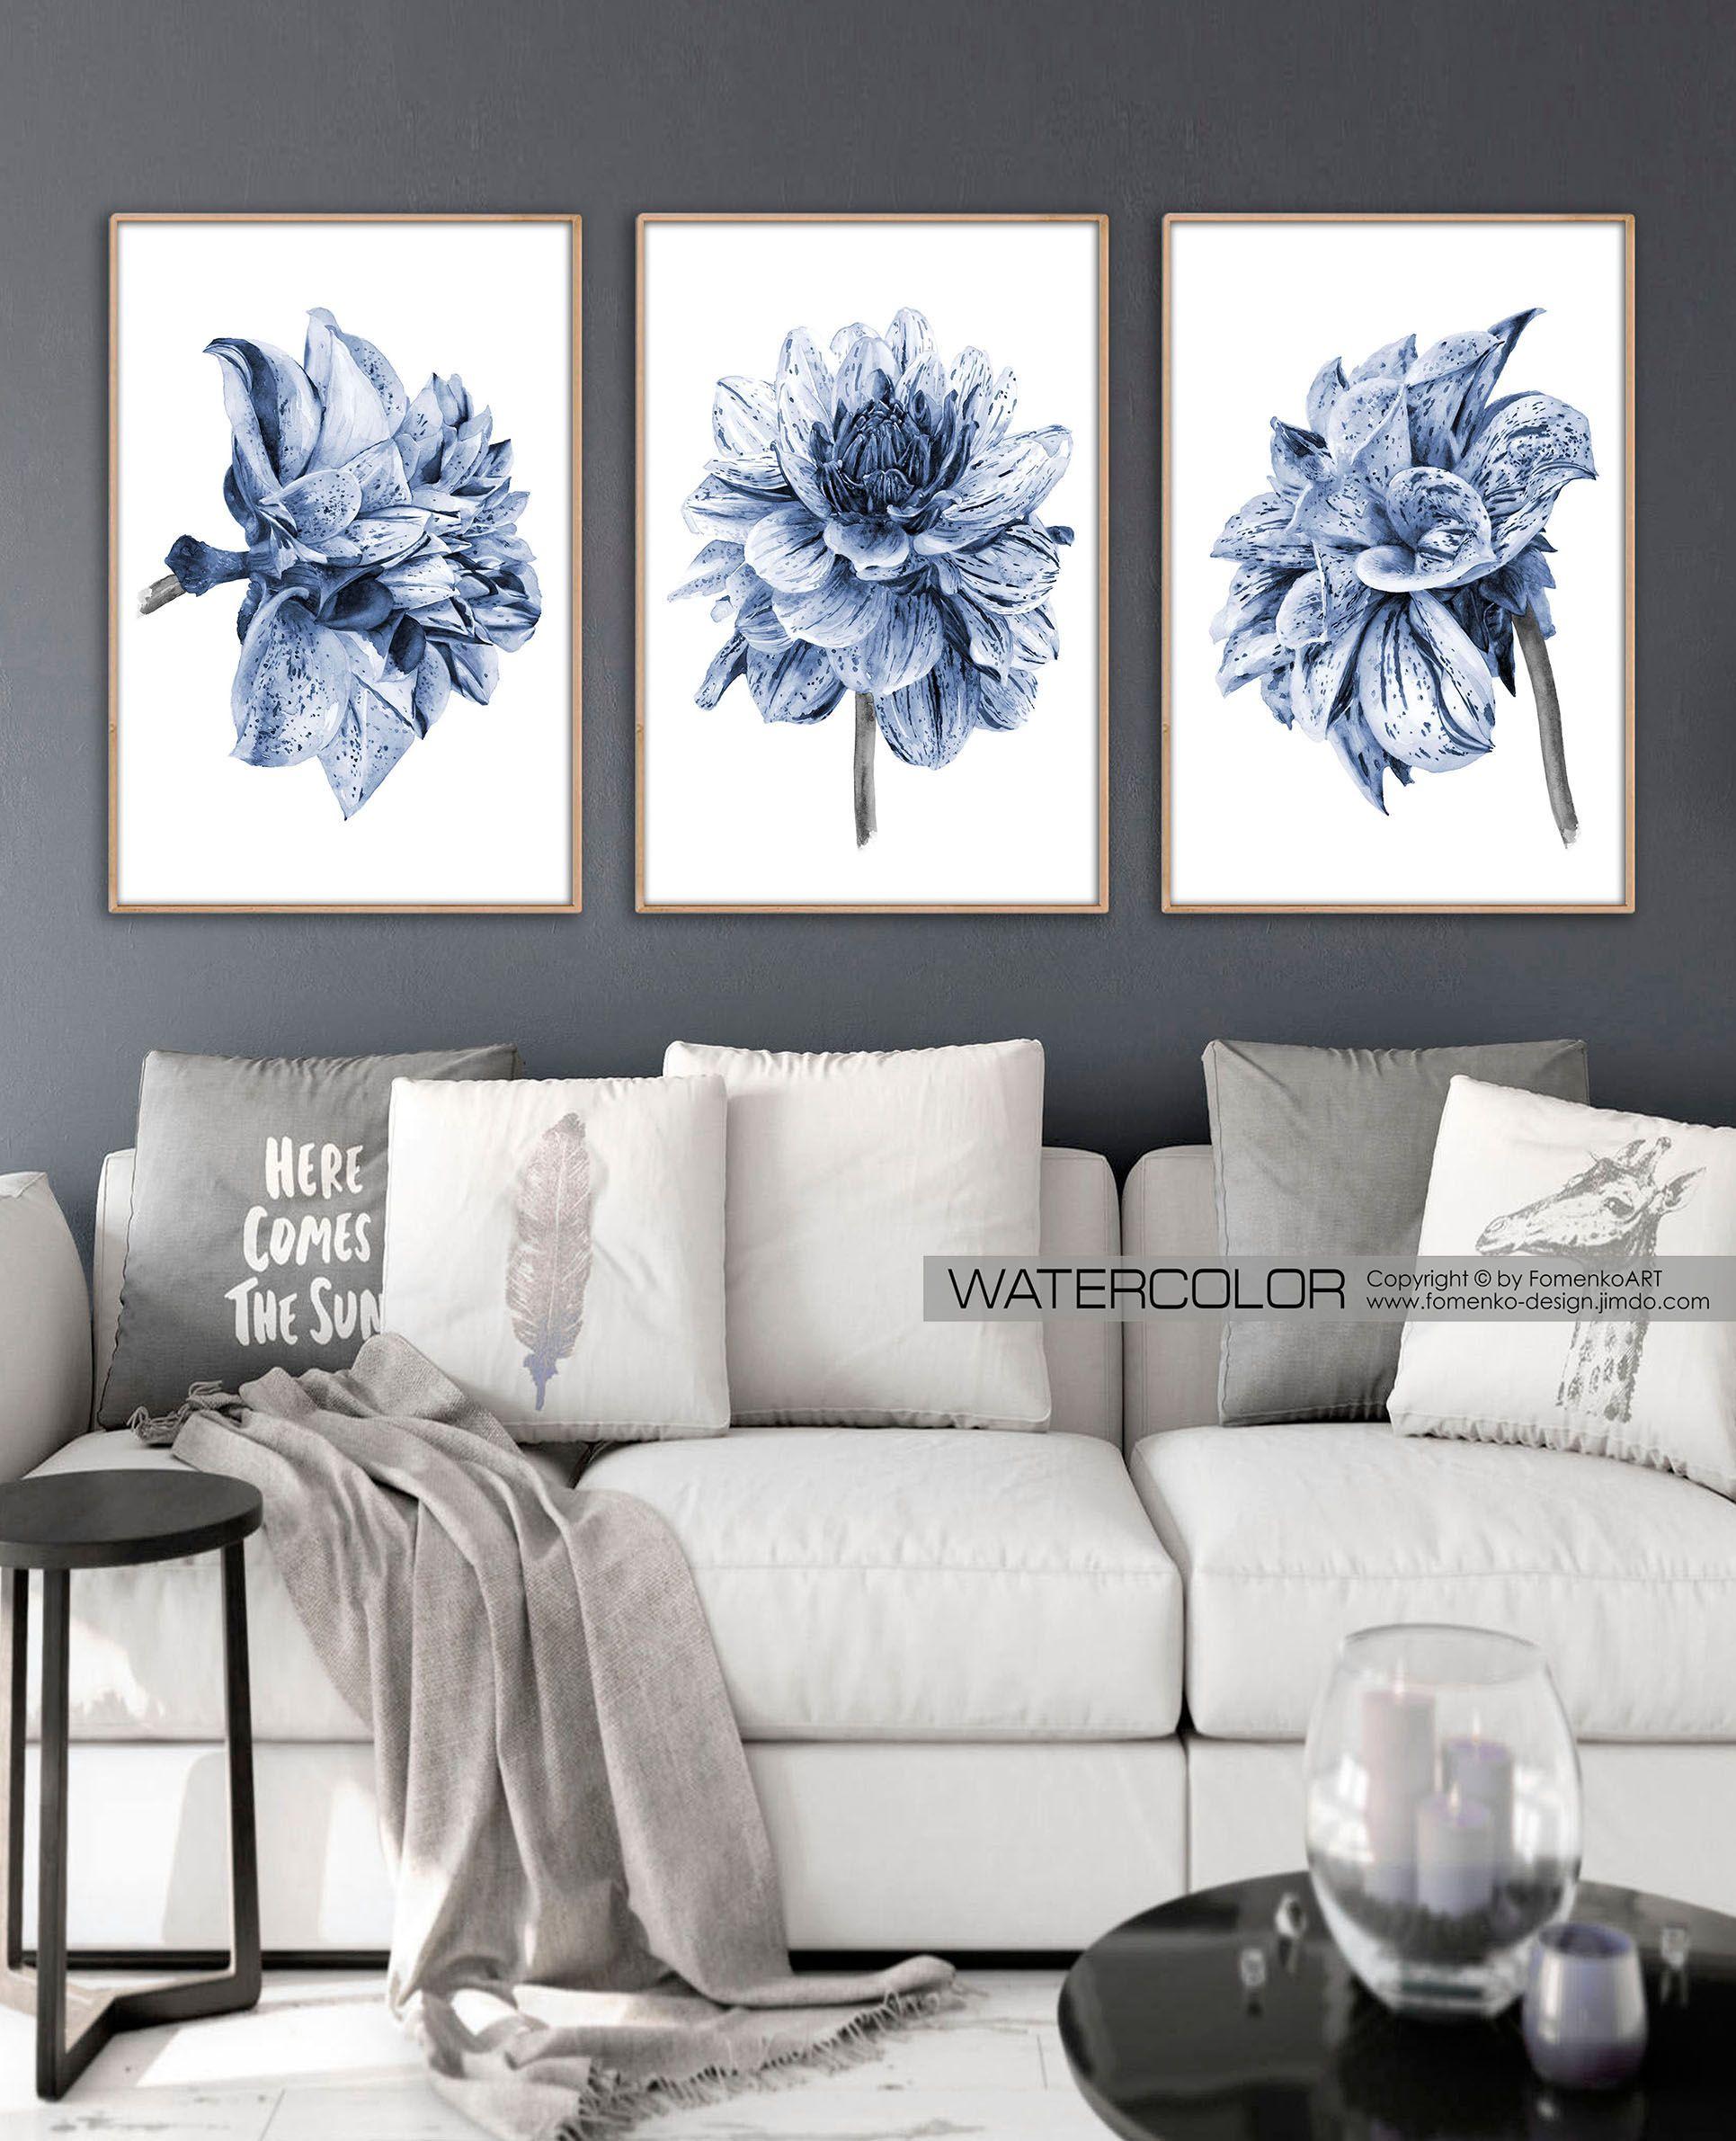 Downloadable Prints Wall Art Printable Wall Decor Bedroom Wall